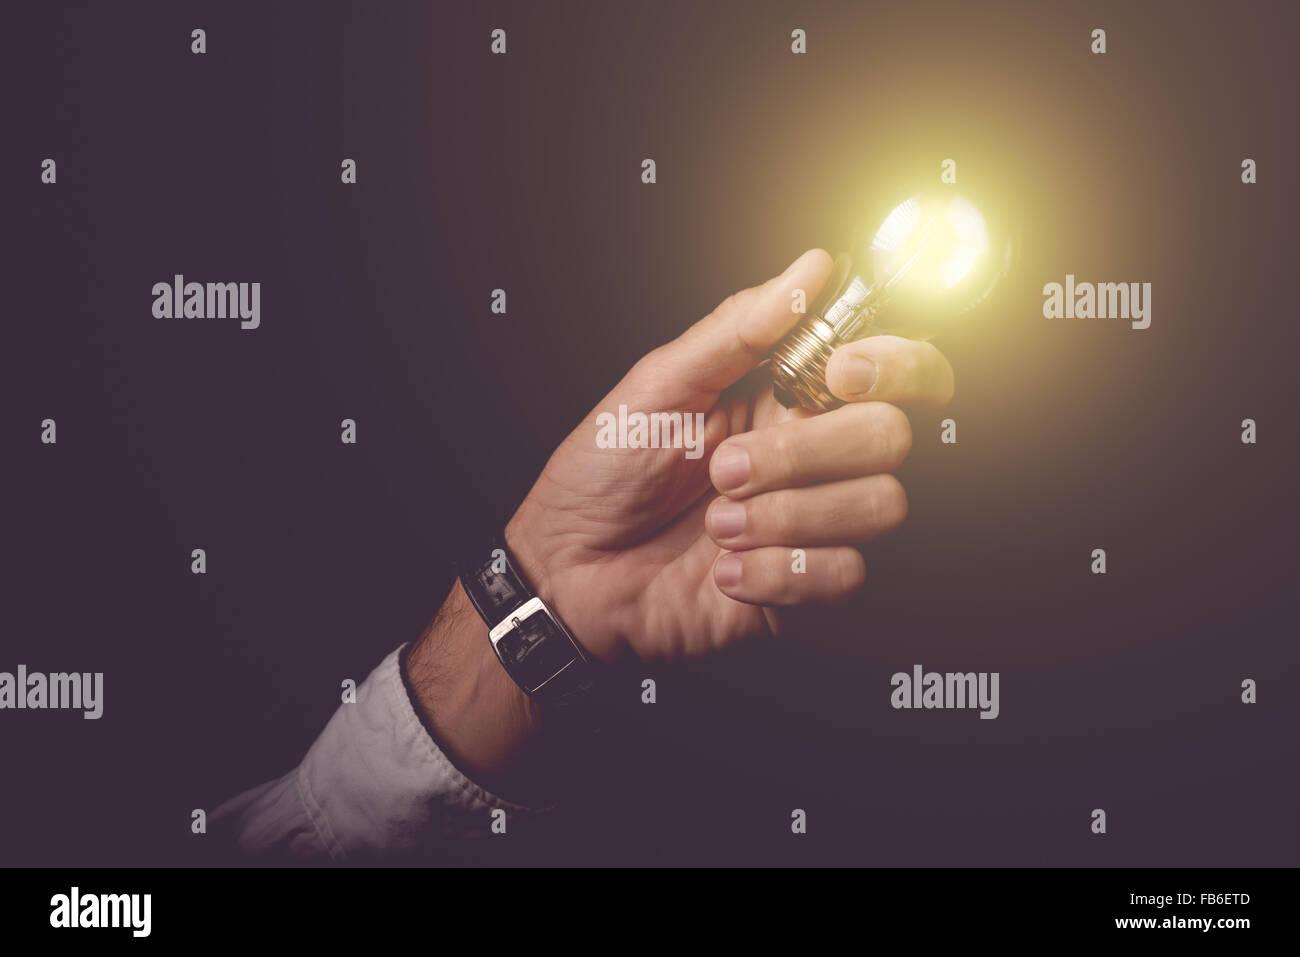 Geschäftsmann, Glühbirne, Konzept der neuen Ideen, unternehmerische Innovation und Kreativität, Retro Stockbild